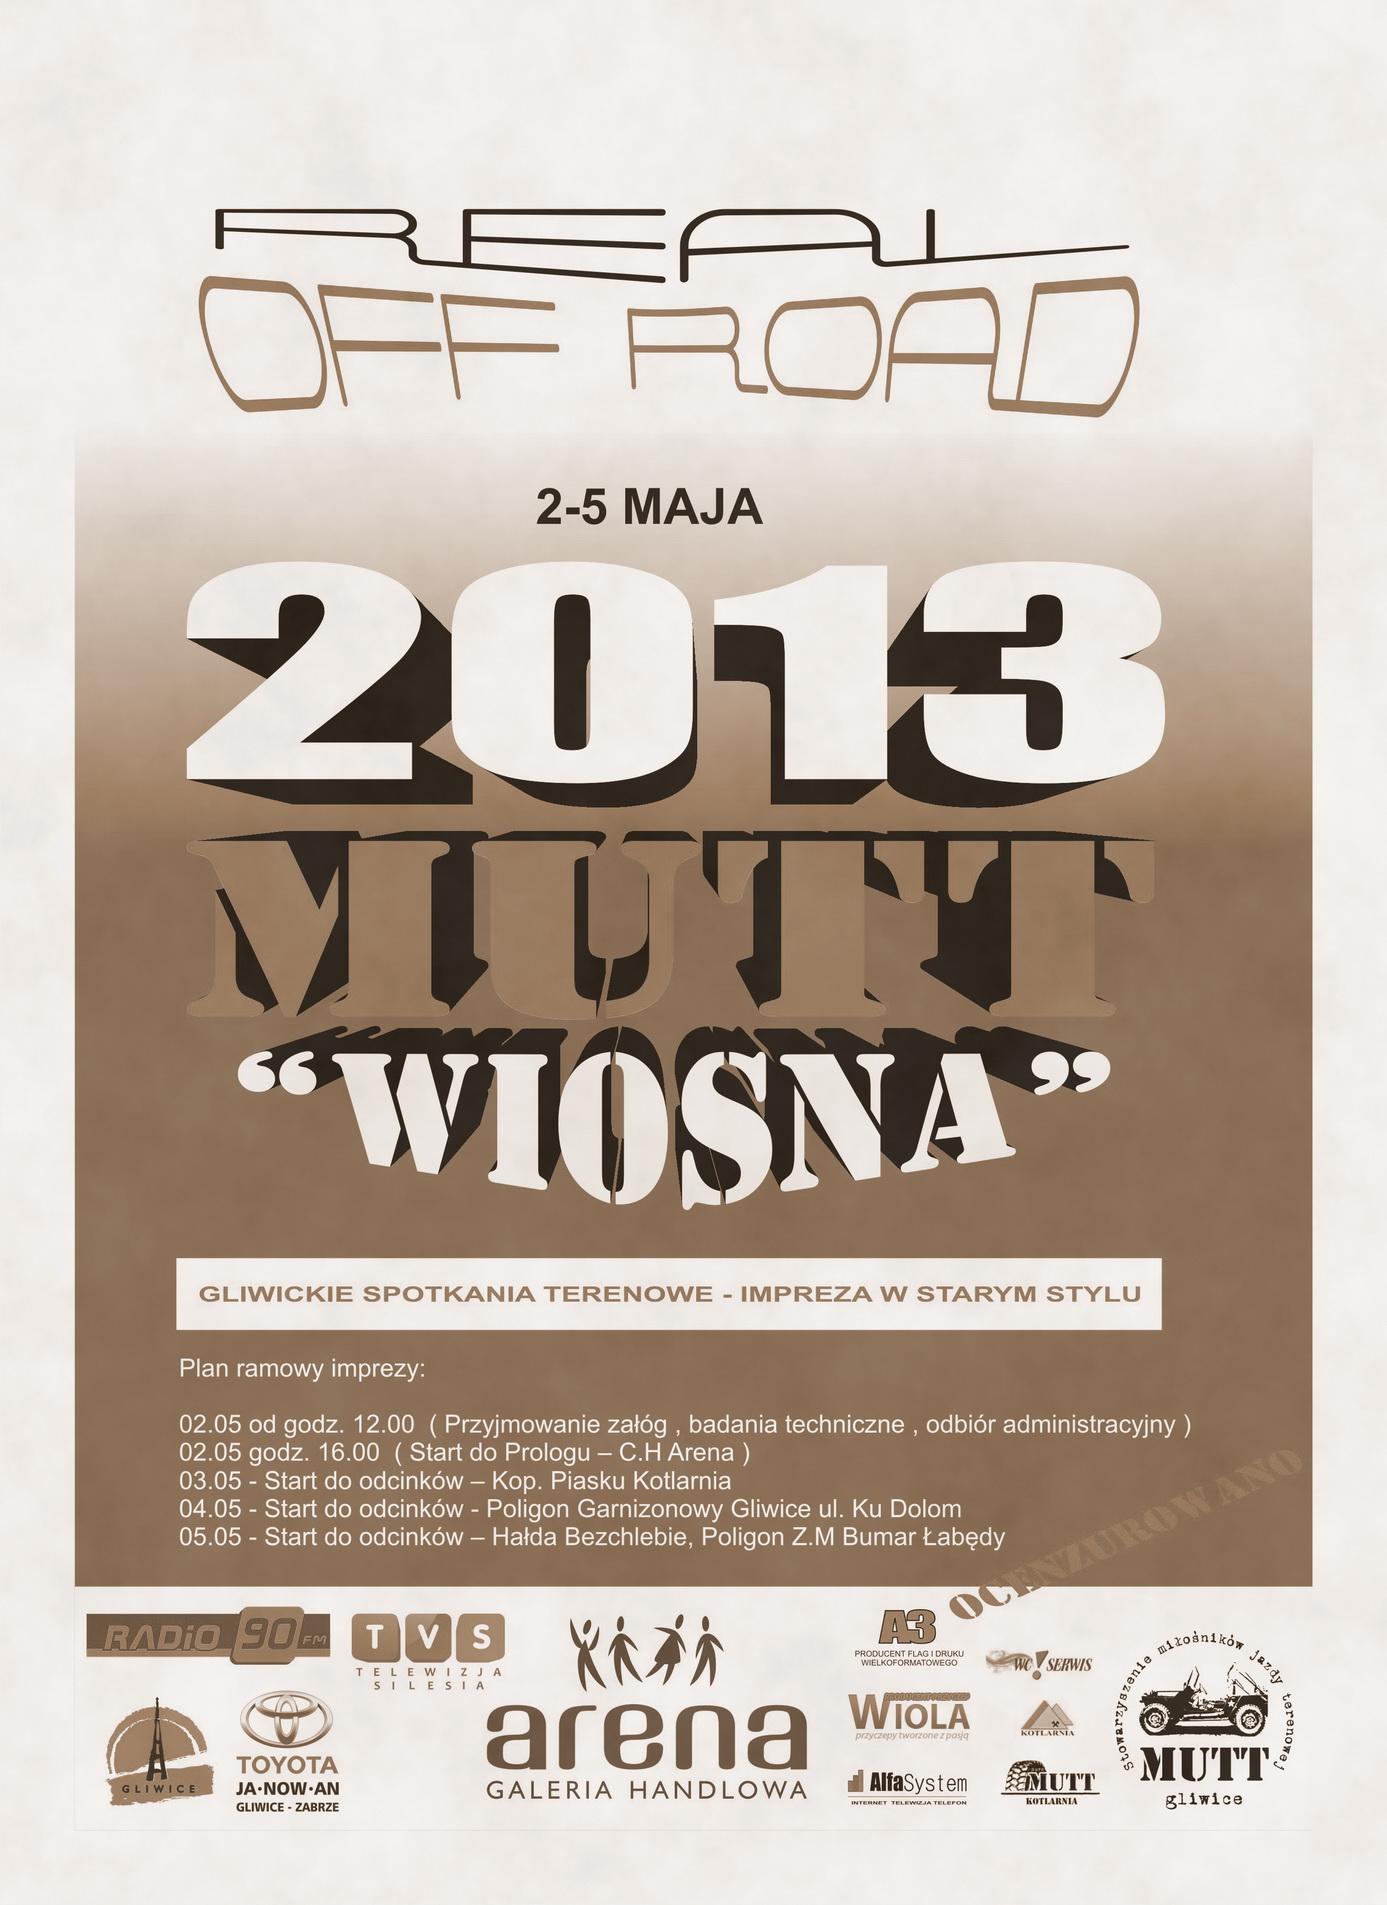 MUTT WIOSNA 2013 – informacje